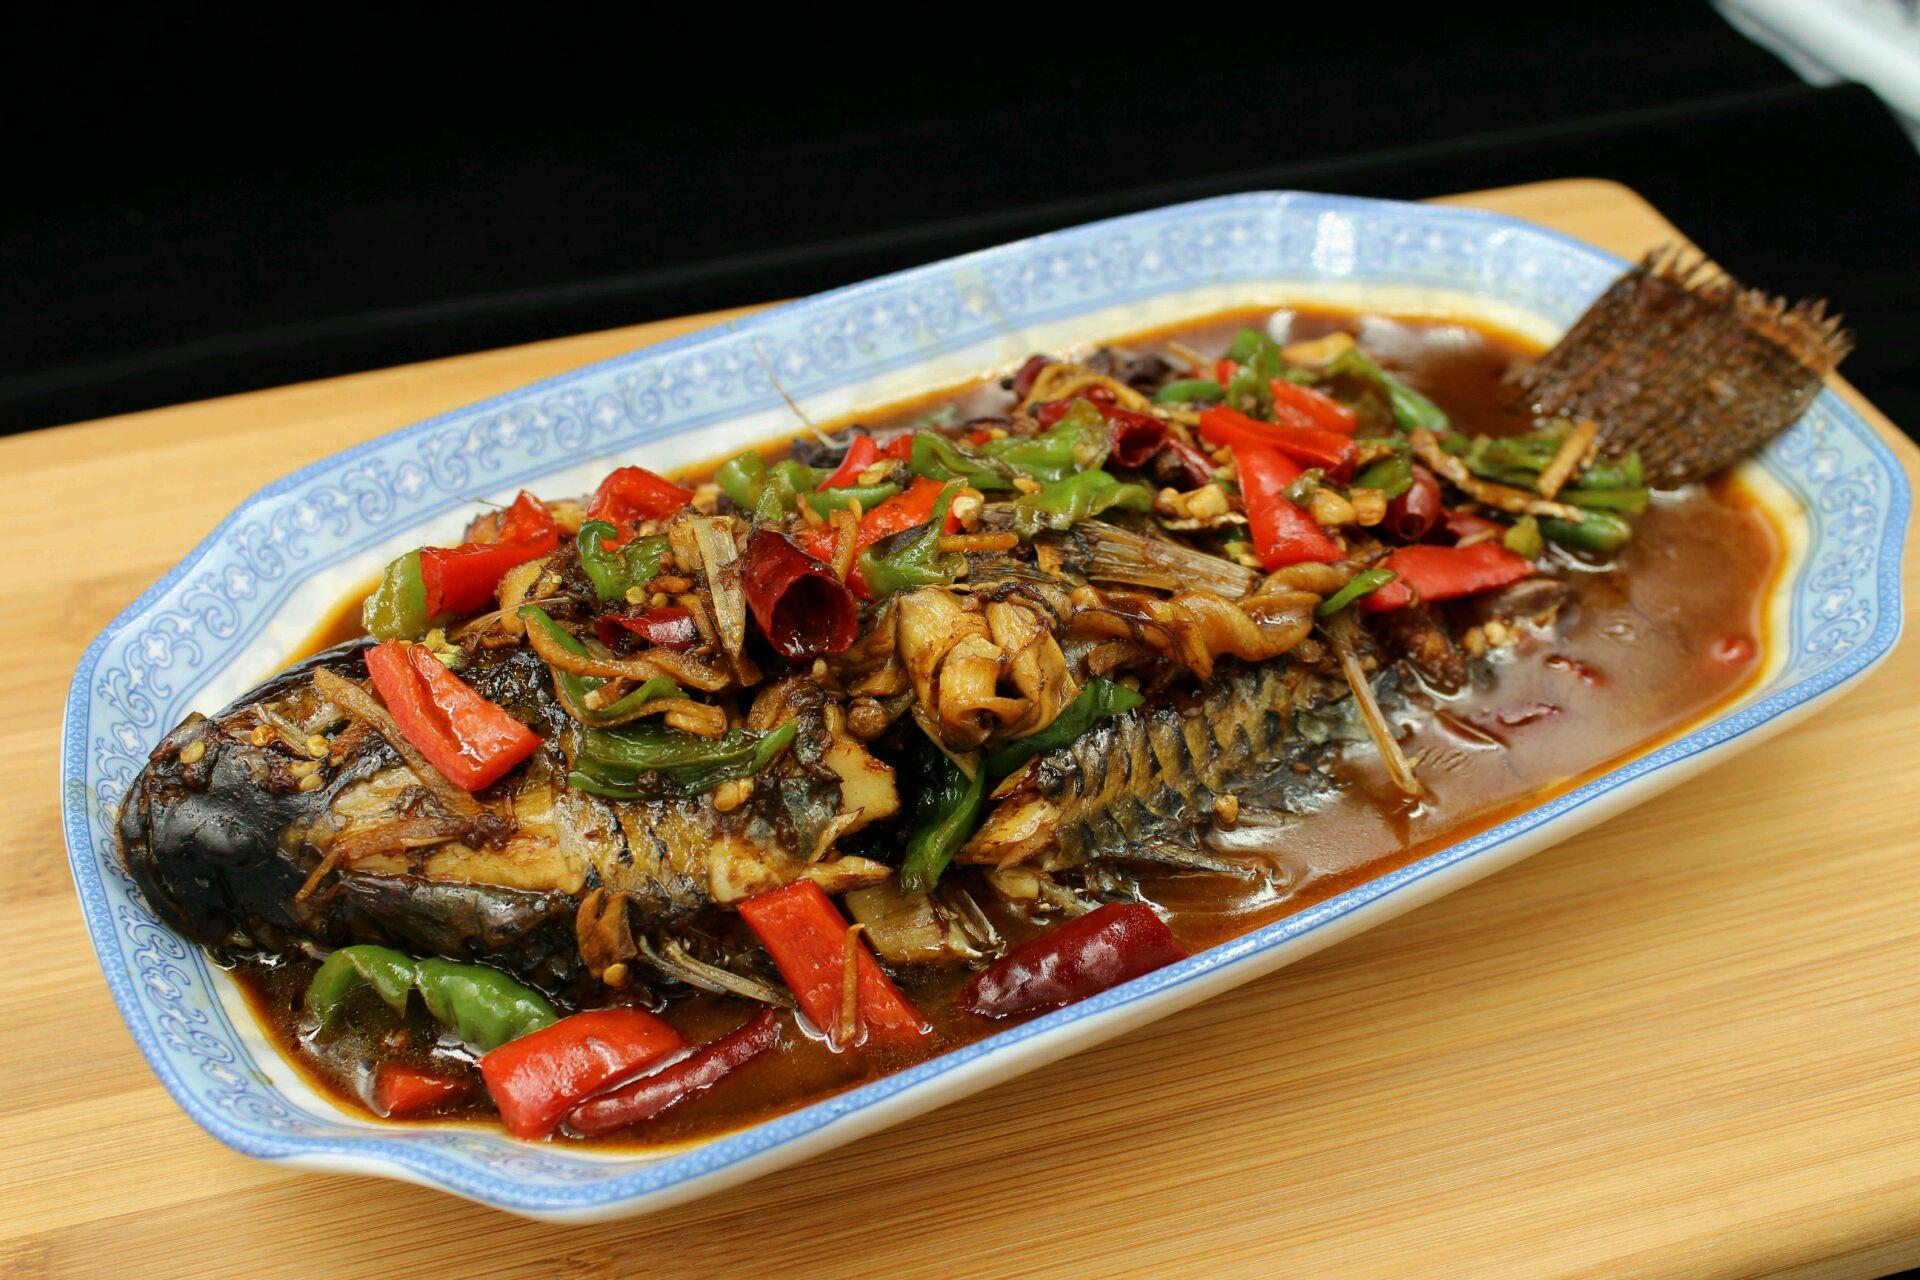 花椒八角干辣椒适量 料酒醋冰糖适量 老抽适量 红烧鱼的做法步骤